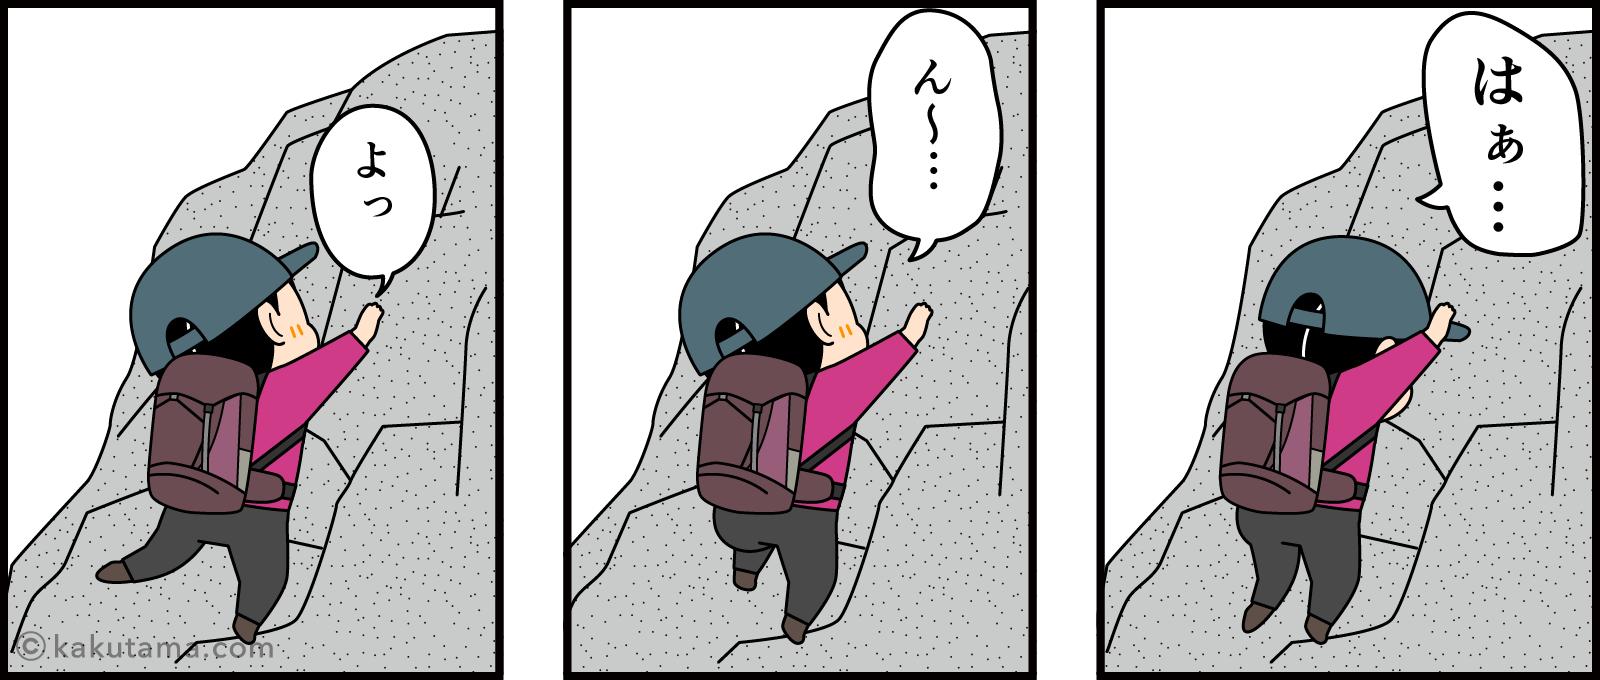 岩場を登る登山者のイラスト